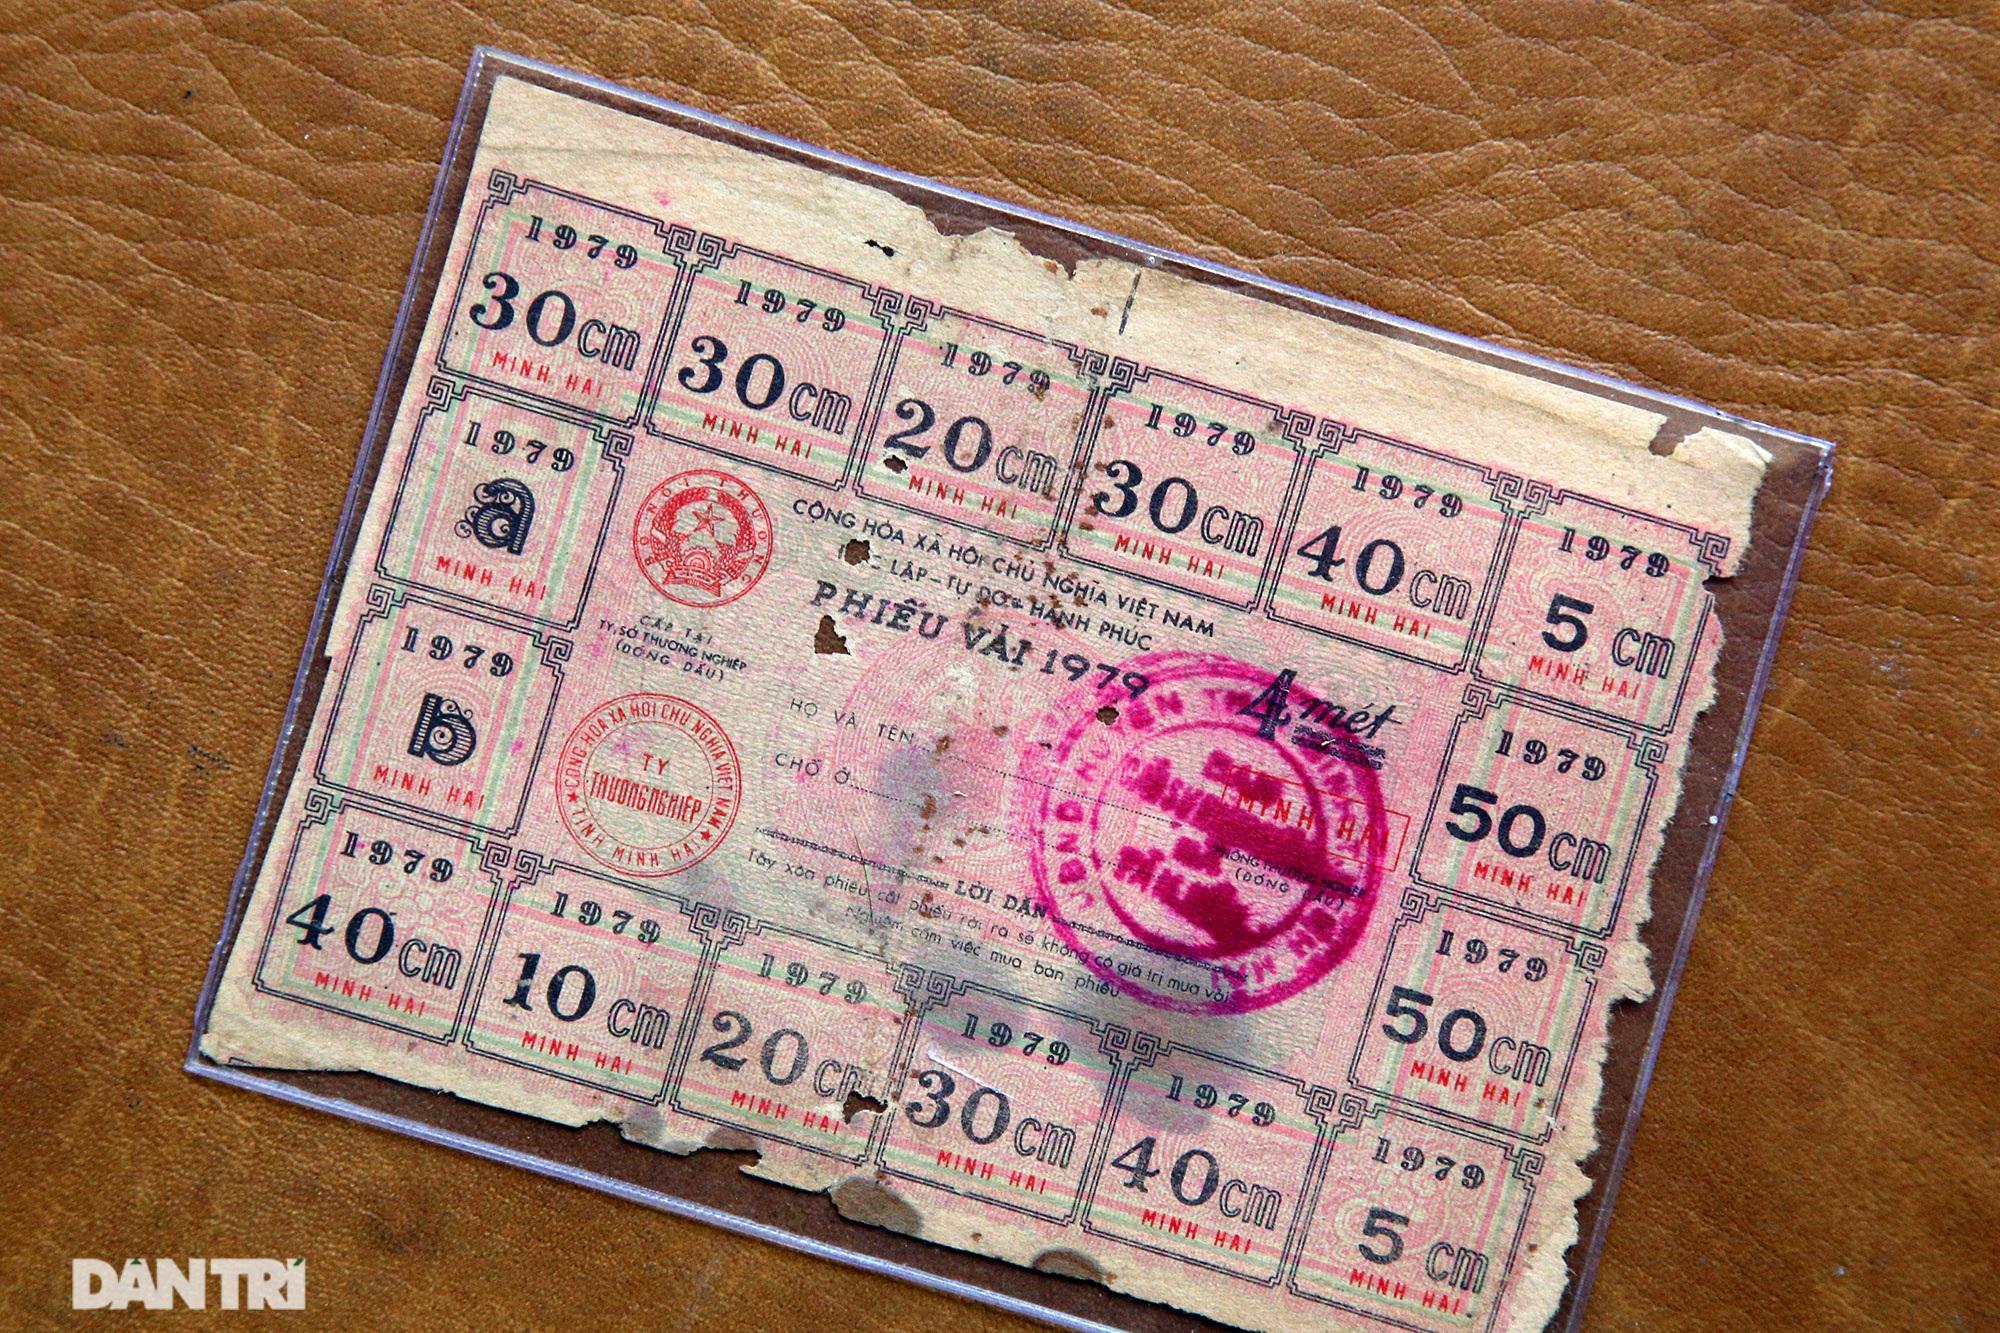 Ký ức gian khó qua bộ sưu tập tem phiếu, sổ gạo thời bao cấp - 9